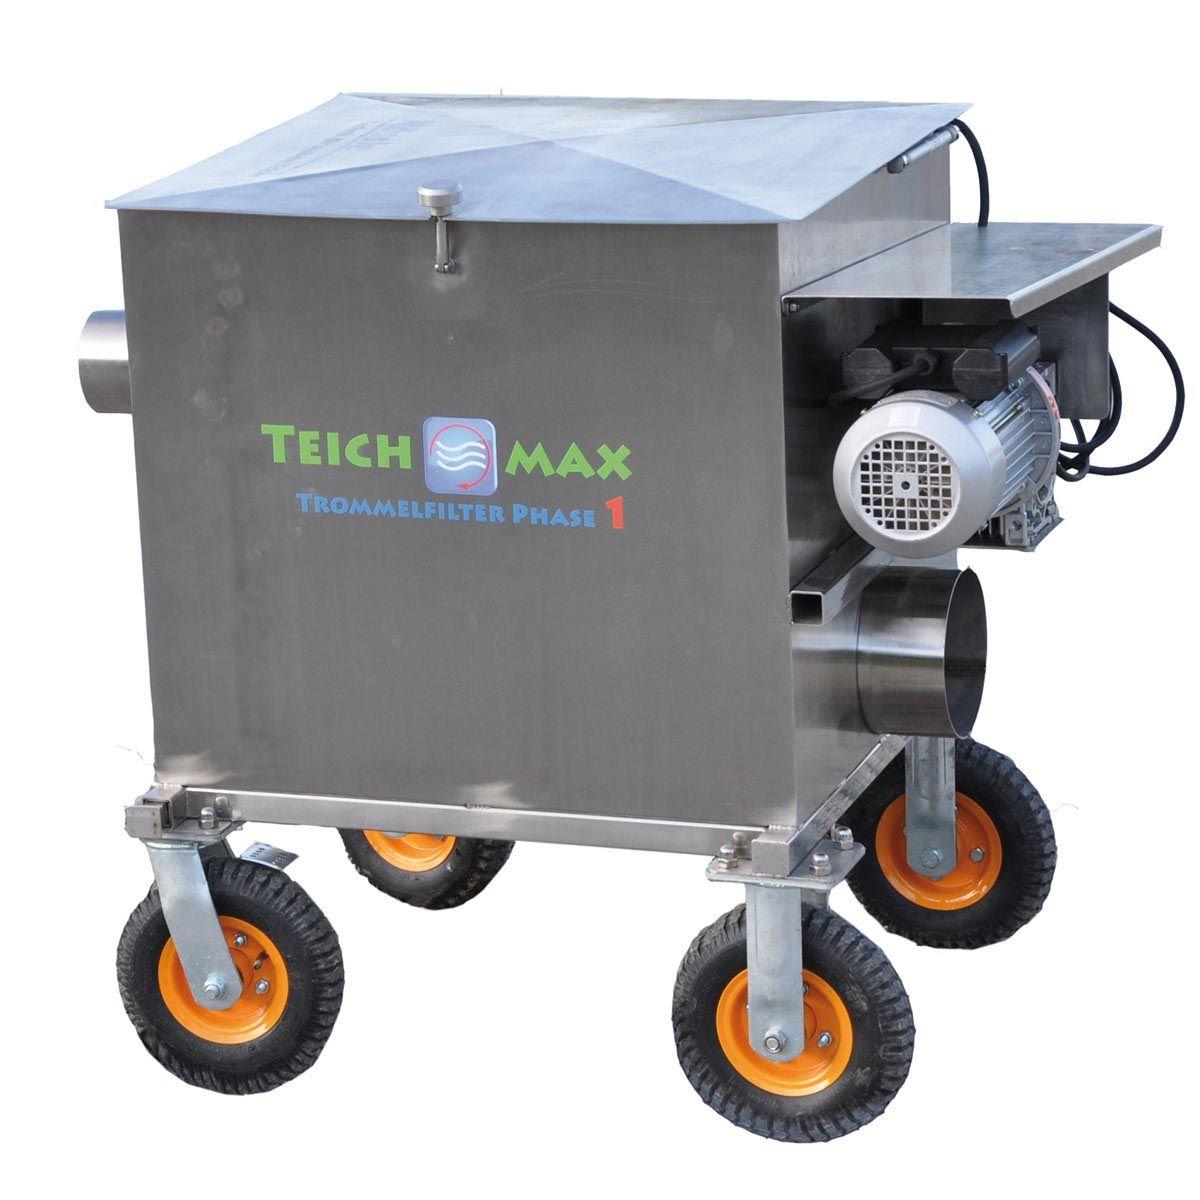 Wasserrückführung, TeichMAX Phase 1 Pro, 830 x 630 x 690 mm , 50 my, 200 W